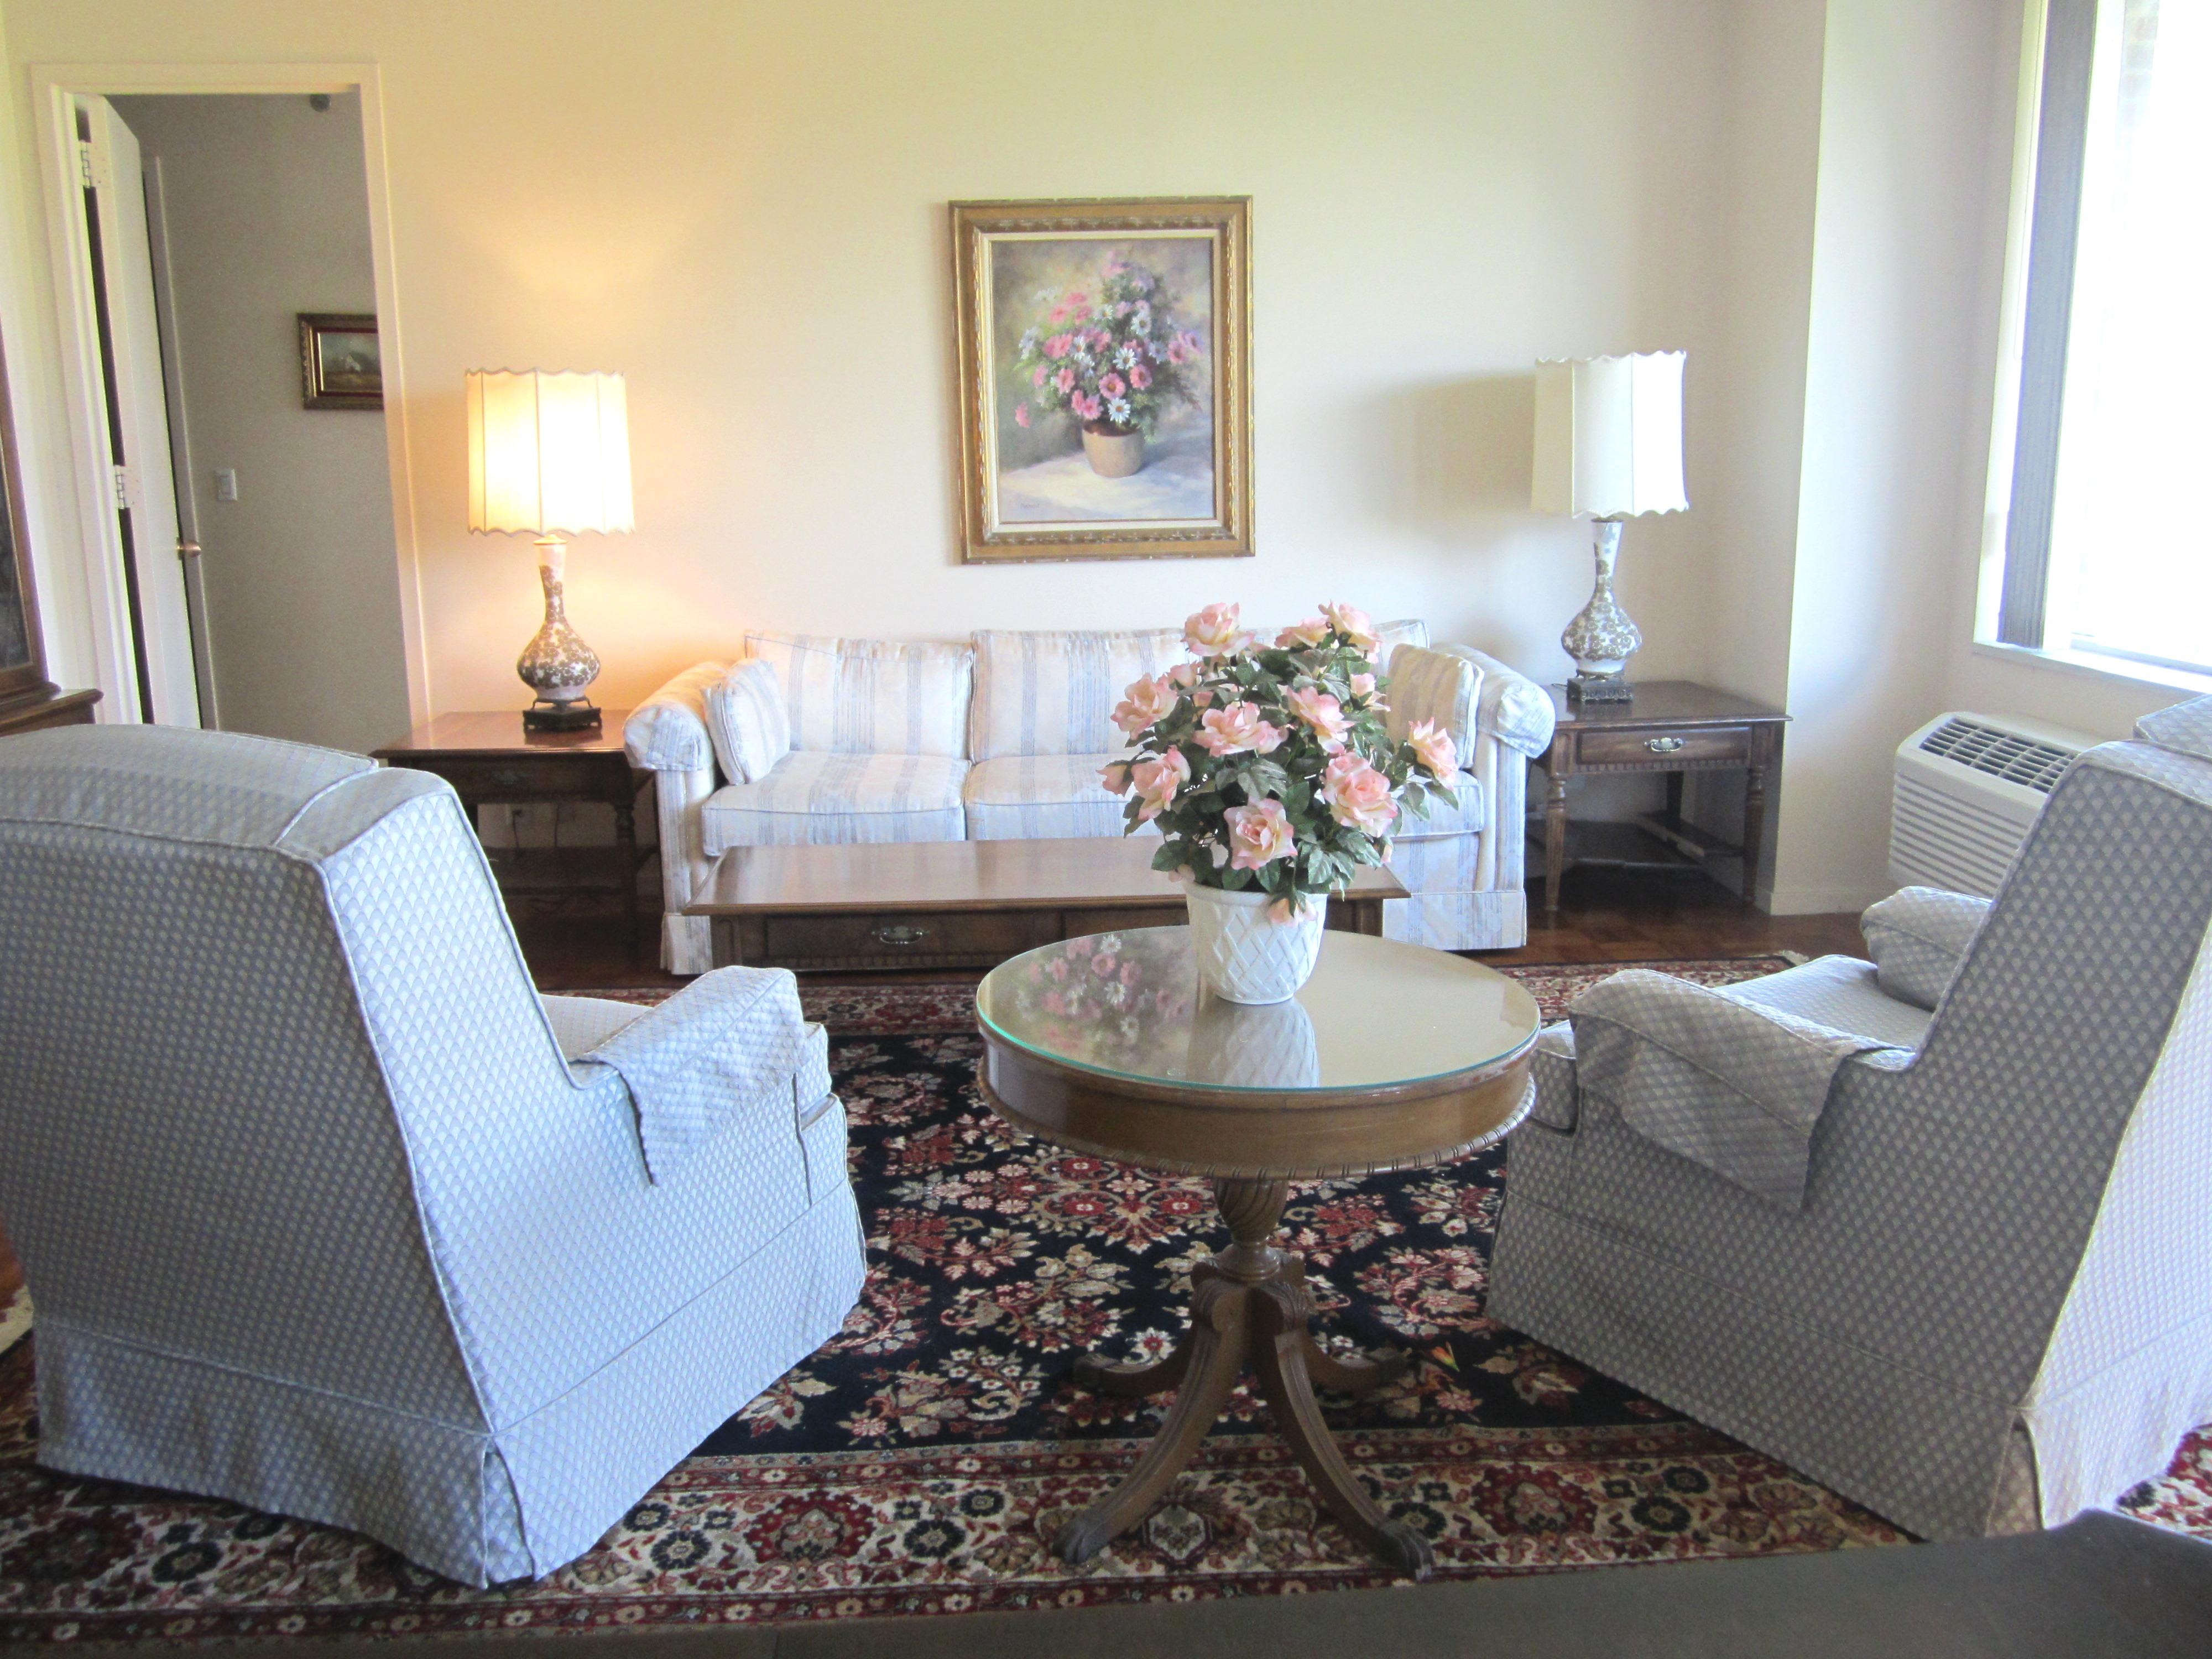 Các loại nhà khác vì Bán tại Condo 100 Hilton Ave 5 506 Garden City, New York, 11530 Hoa Kỳ